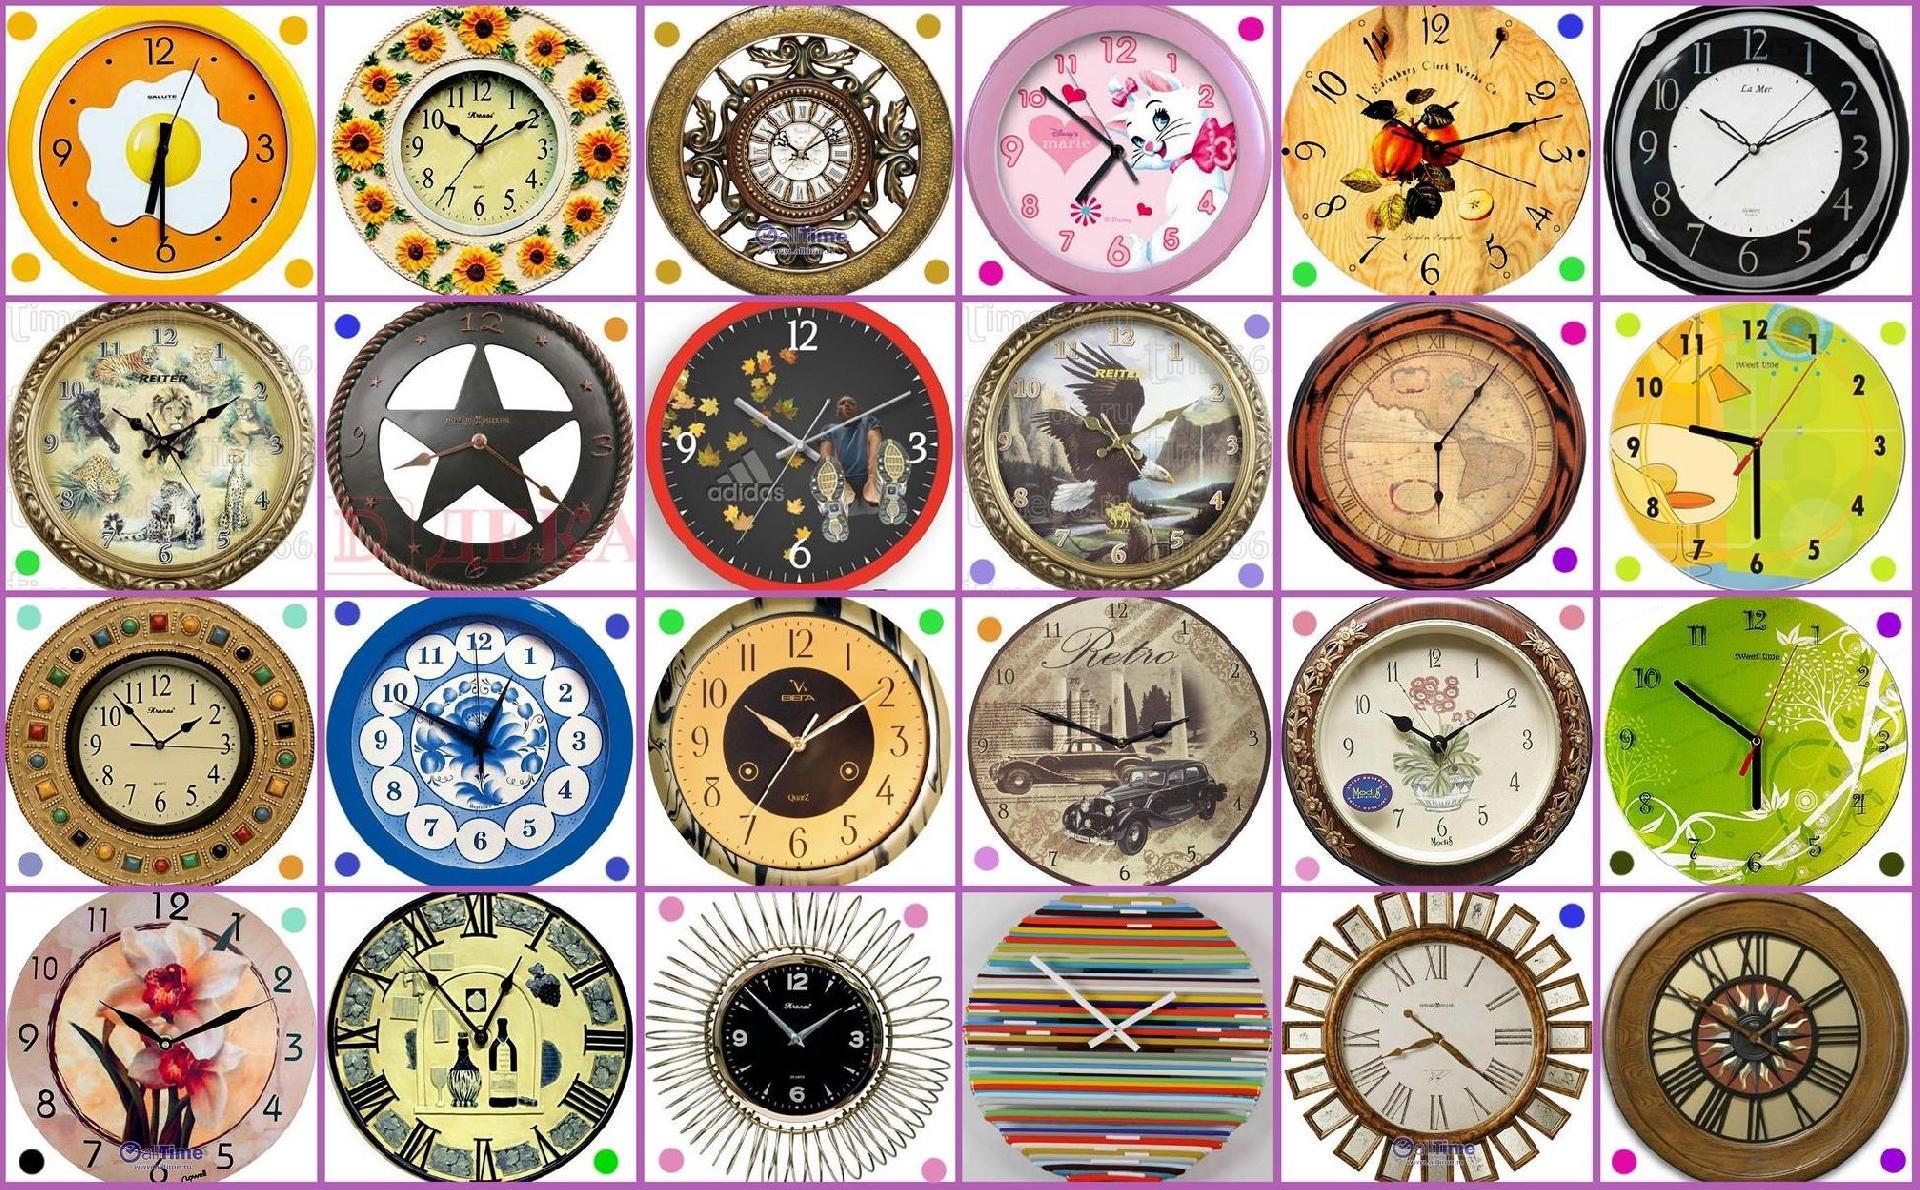 Сбор заказов.Настенные часы,настольные часы,будильники, барометры ...Самый большой выбор часов на любой кошелек и на любой вкус!Подберем к любому интерьеру.Самые низкие цены!Выкуп 9